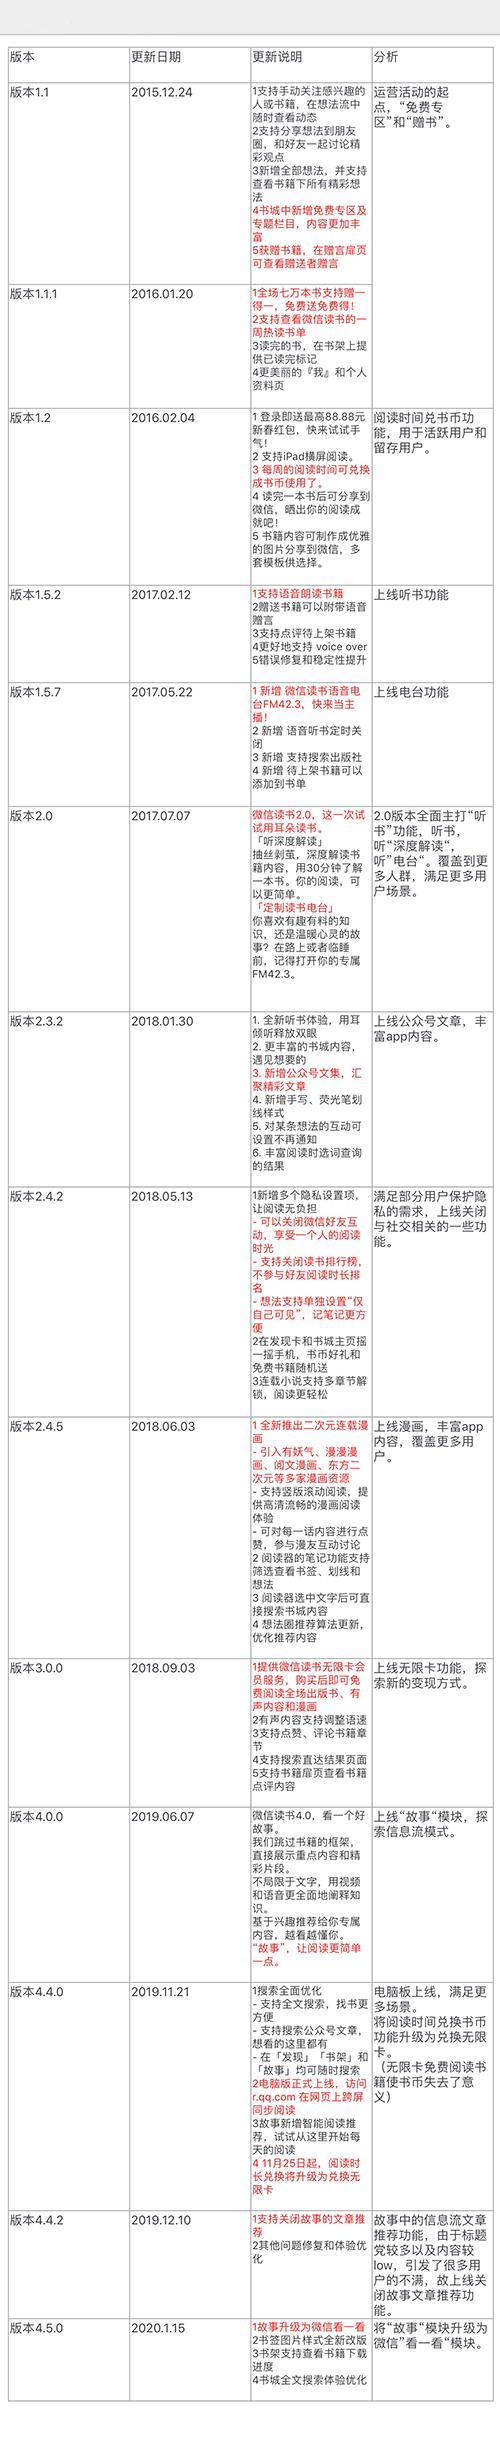 张文宏:这种技术短时间认出了新冠病毒